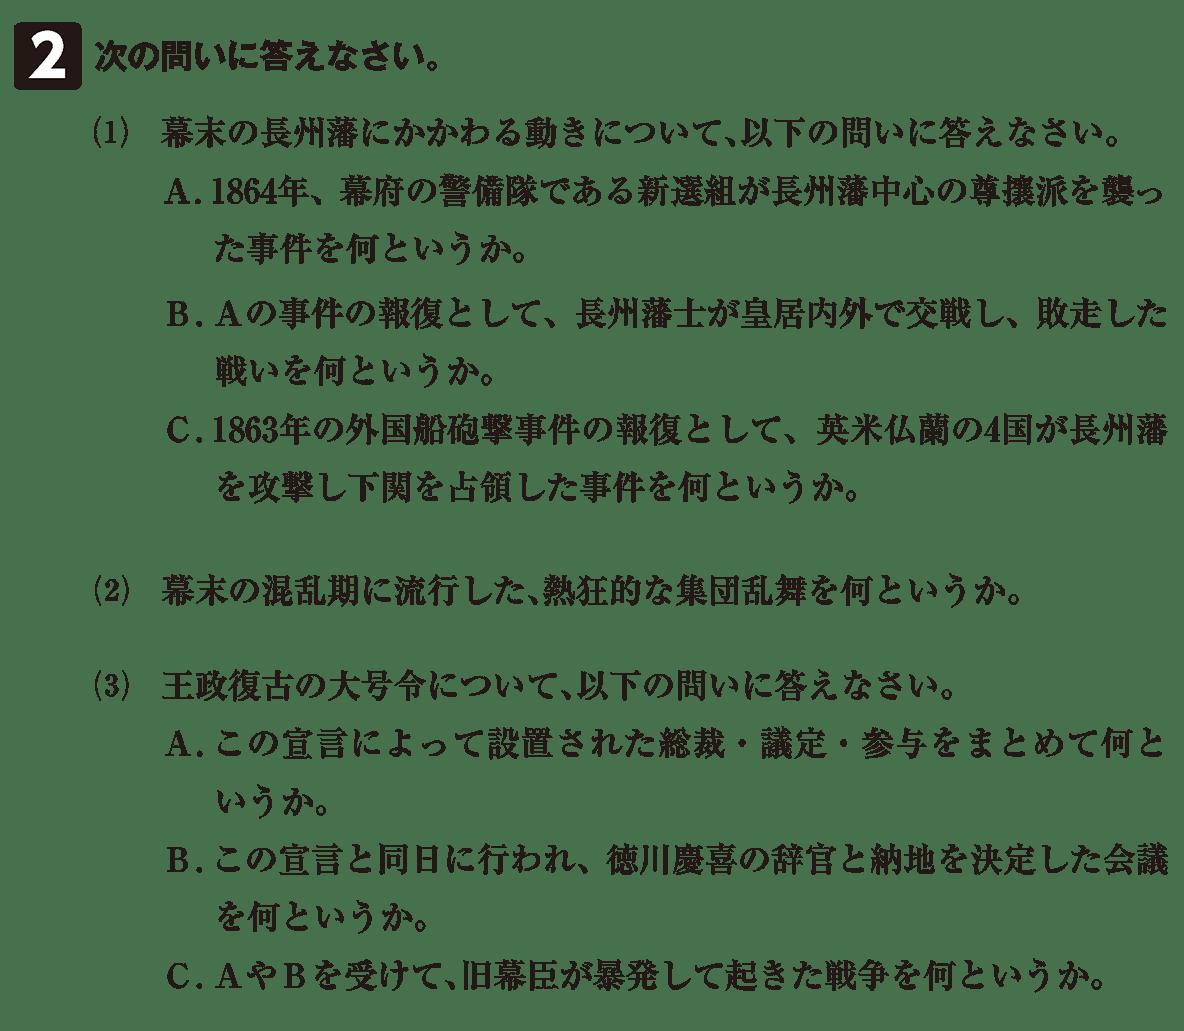 近代09 問題2 カッコ空欄